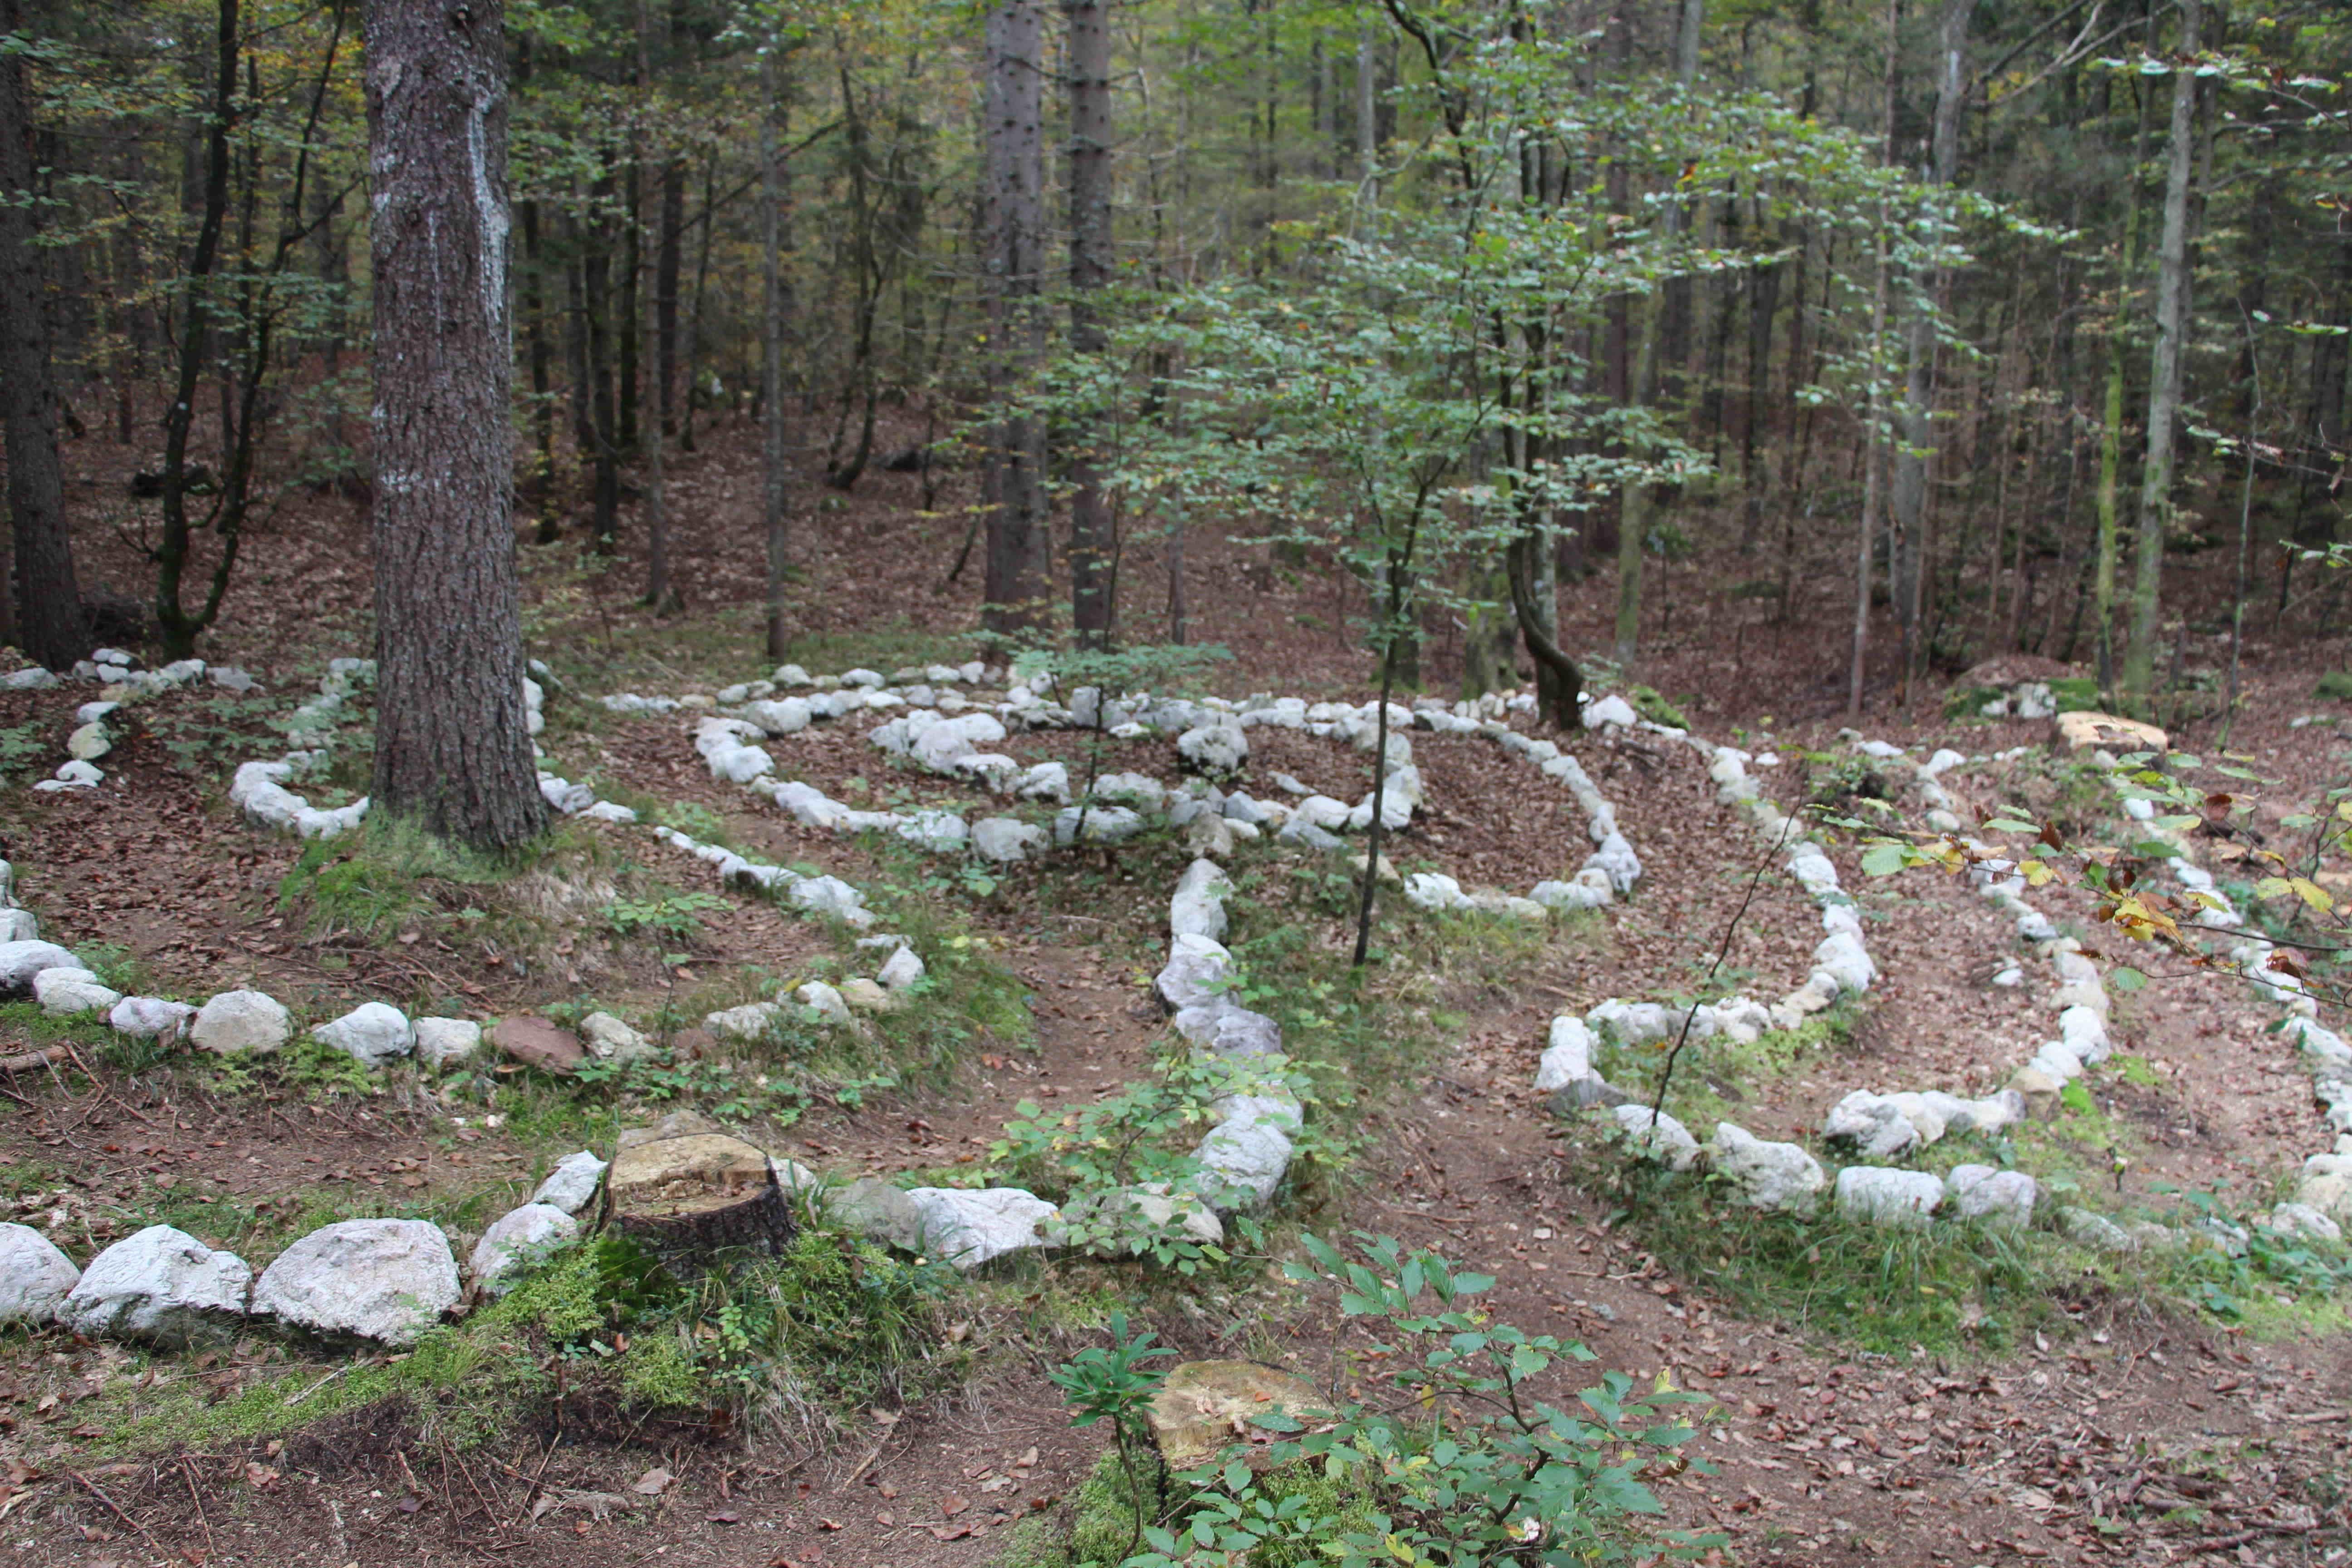 2 - labirint ljubavi i stvaralalštva